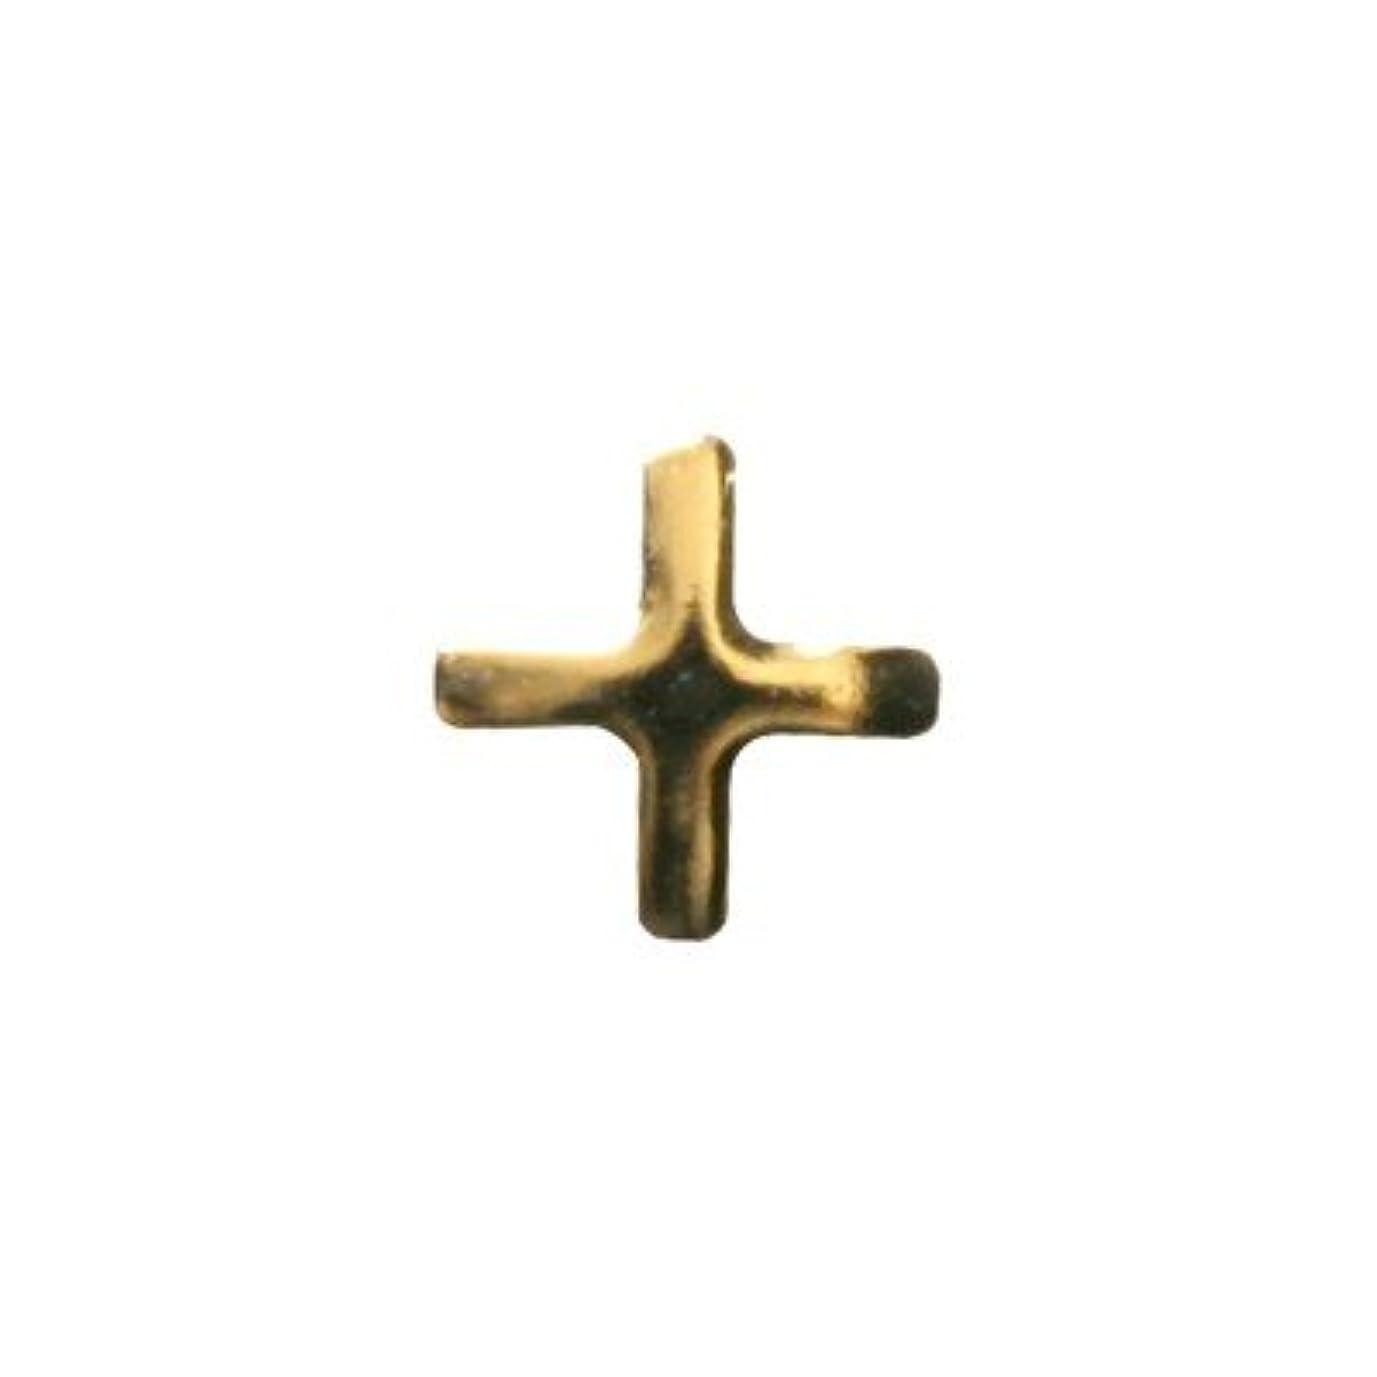 リア王ラブ外交官ピアドラ スタッズ クロスレット ハーフ 3mm 50P ゴールド